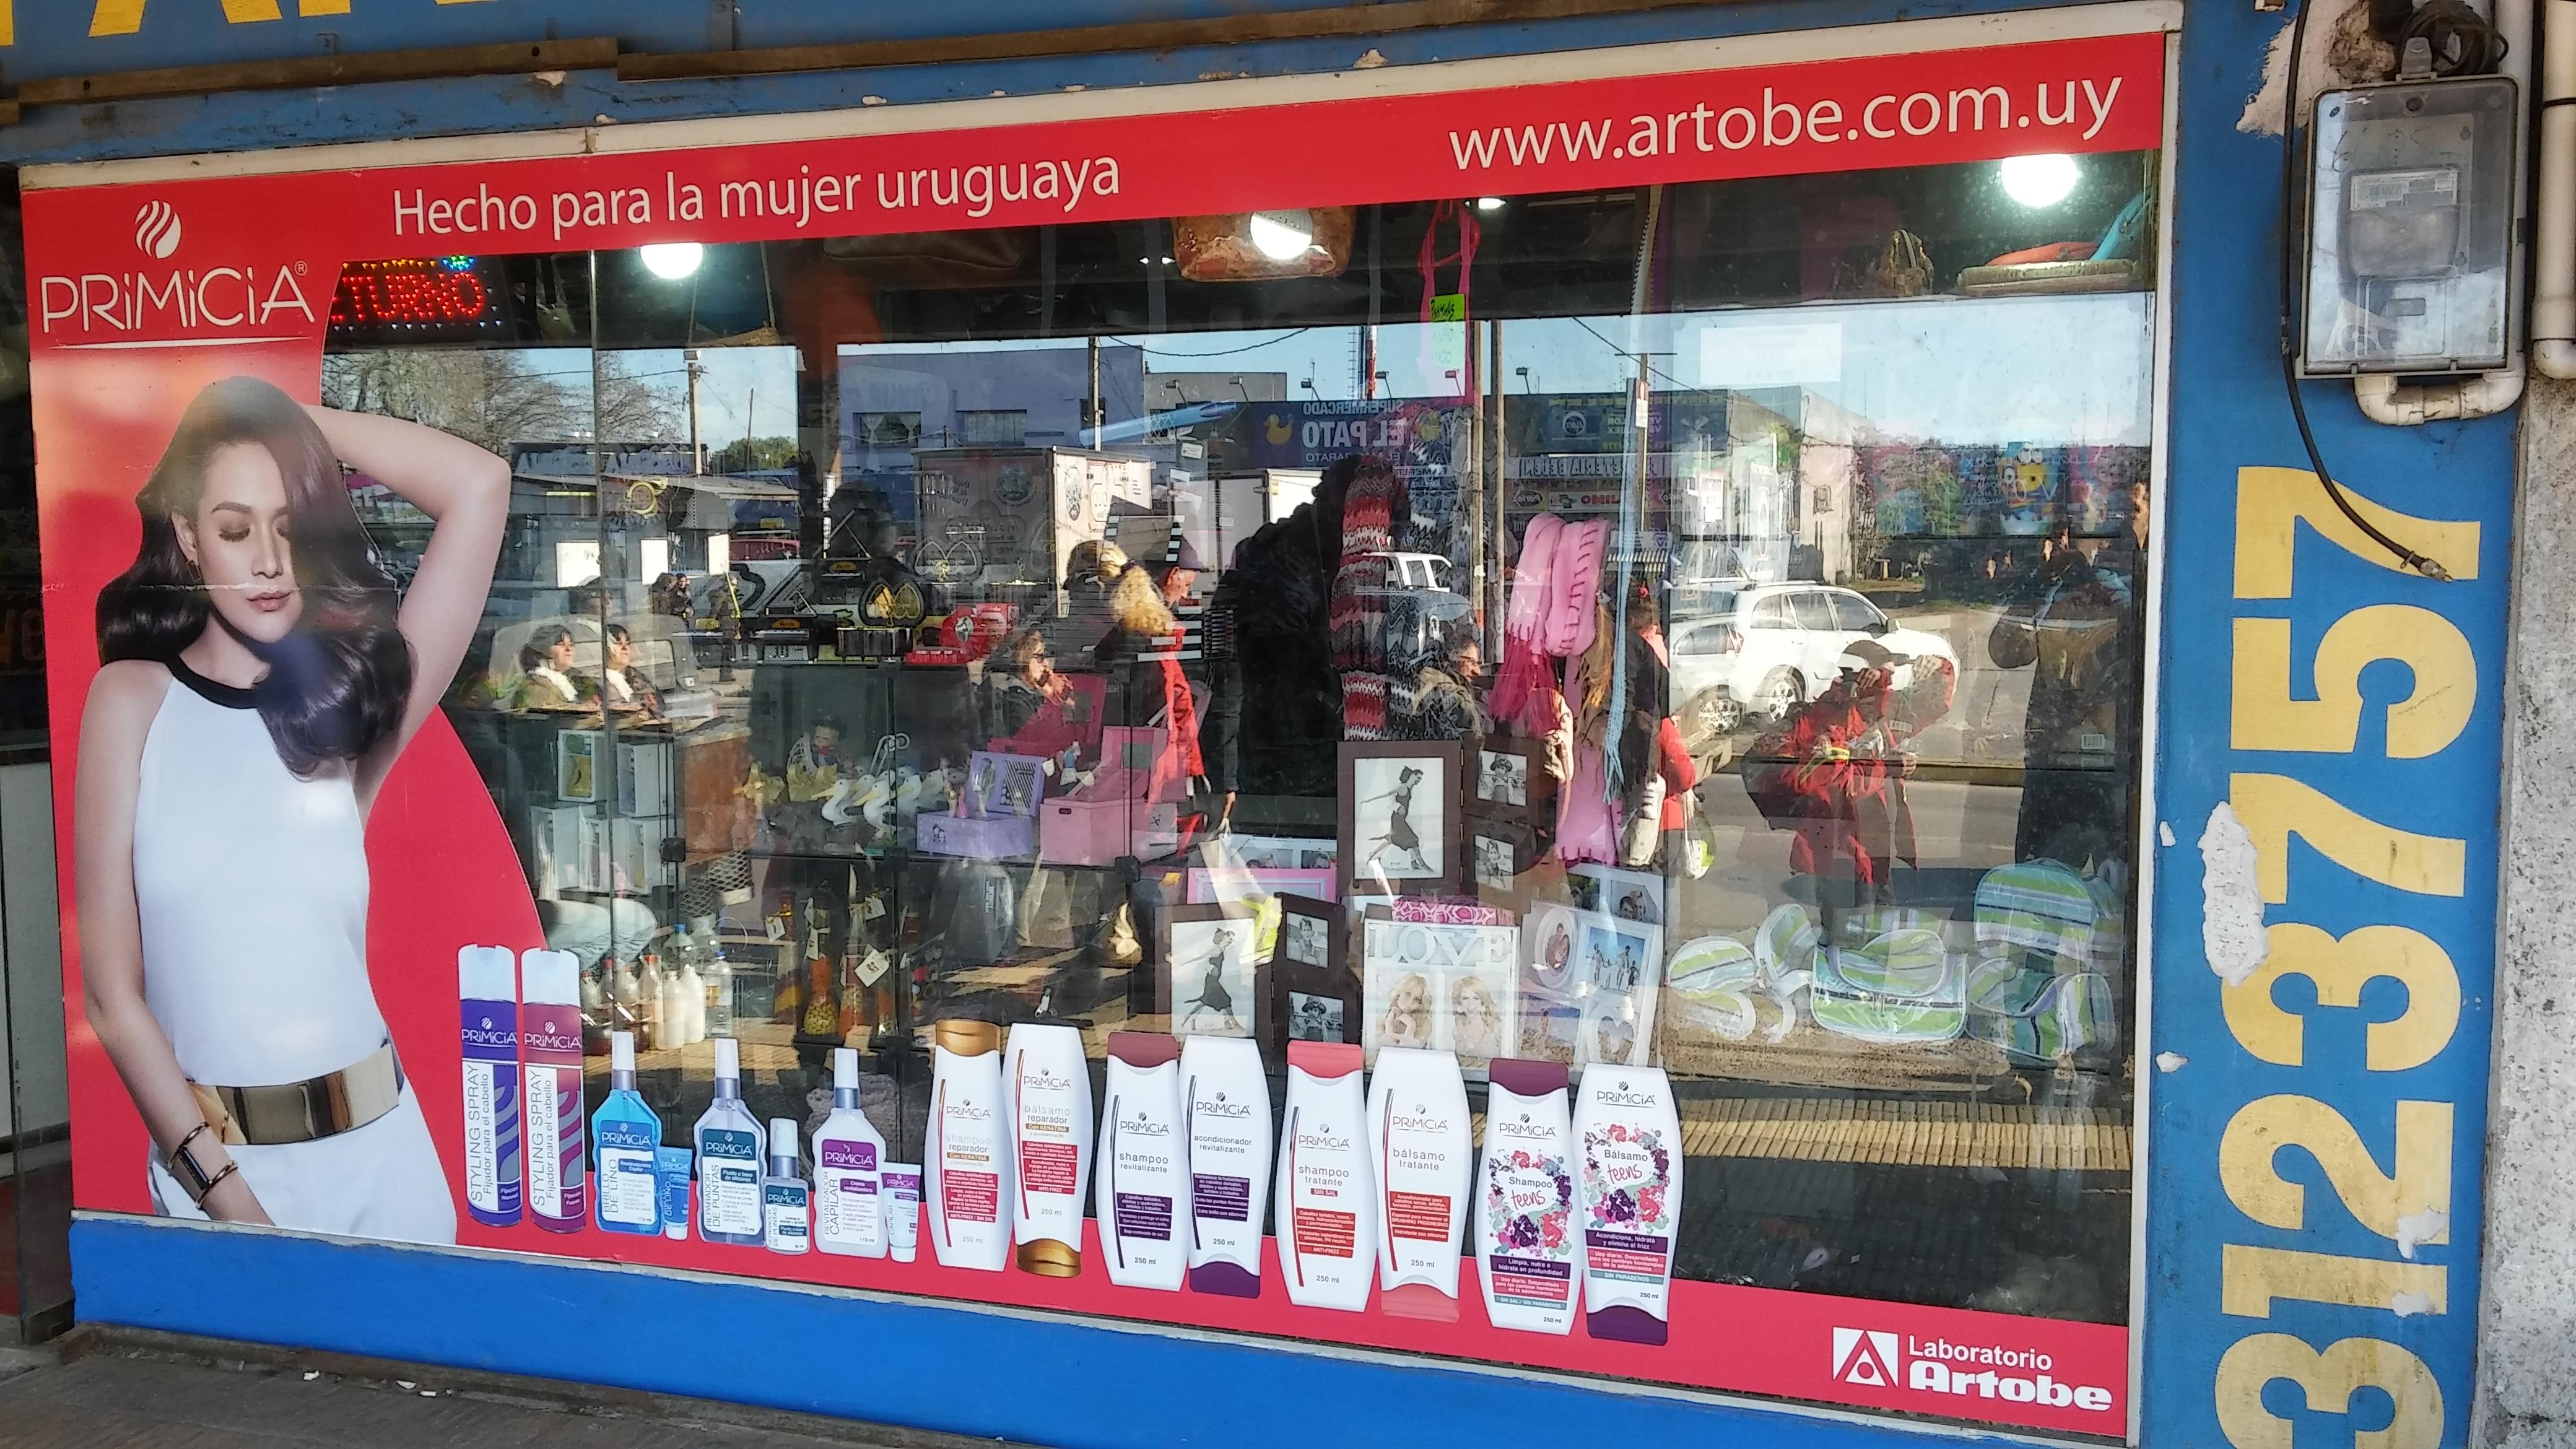 Cliente: Artobe